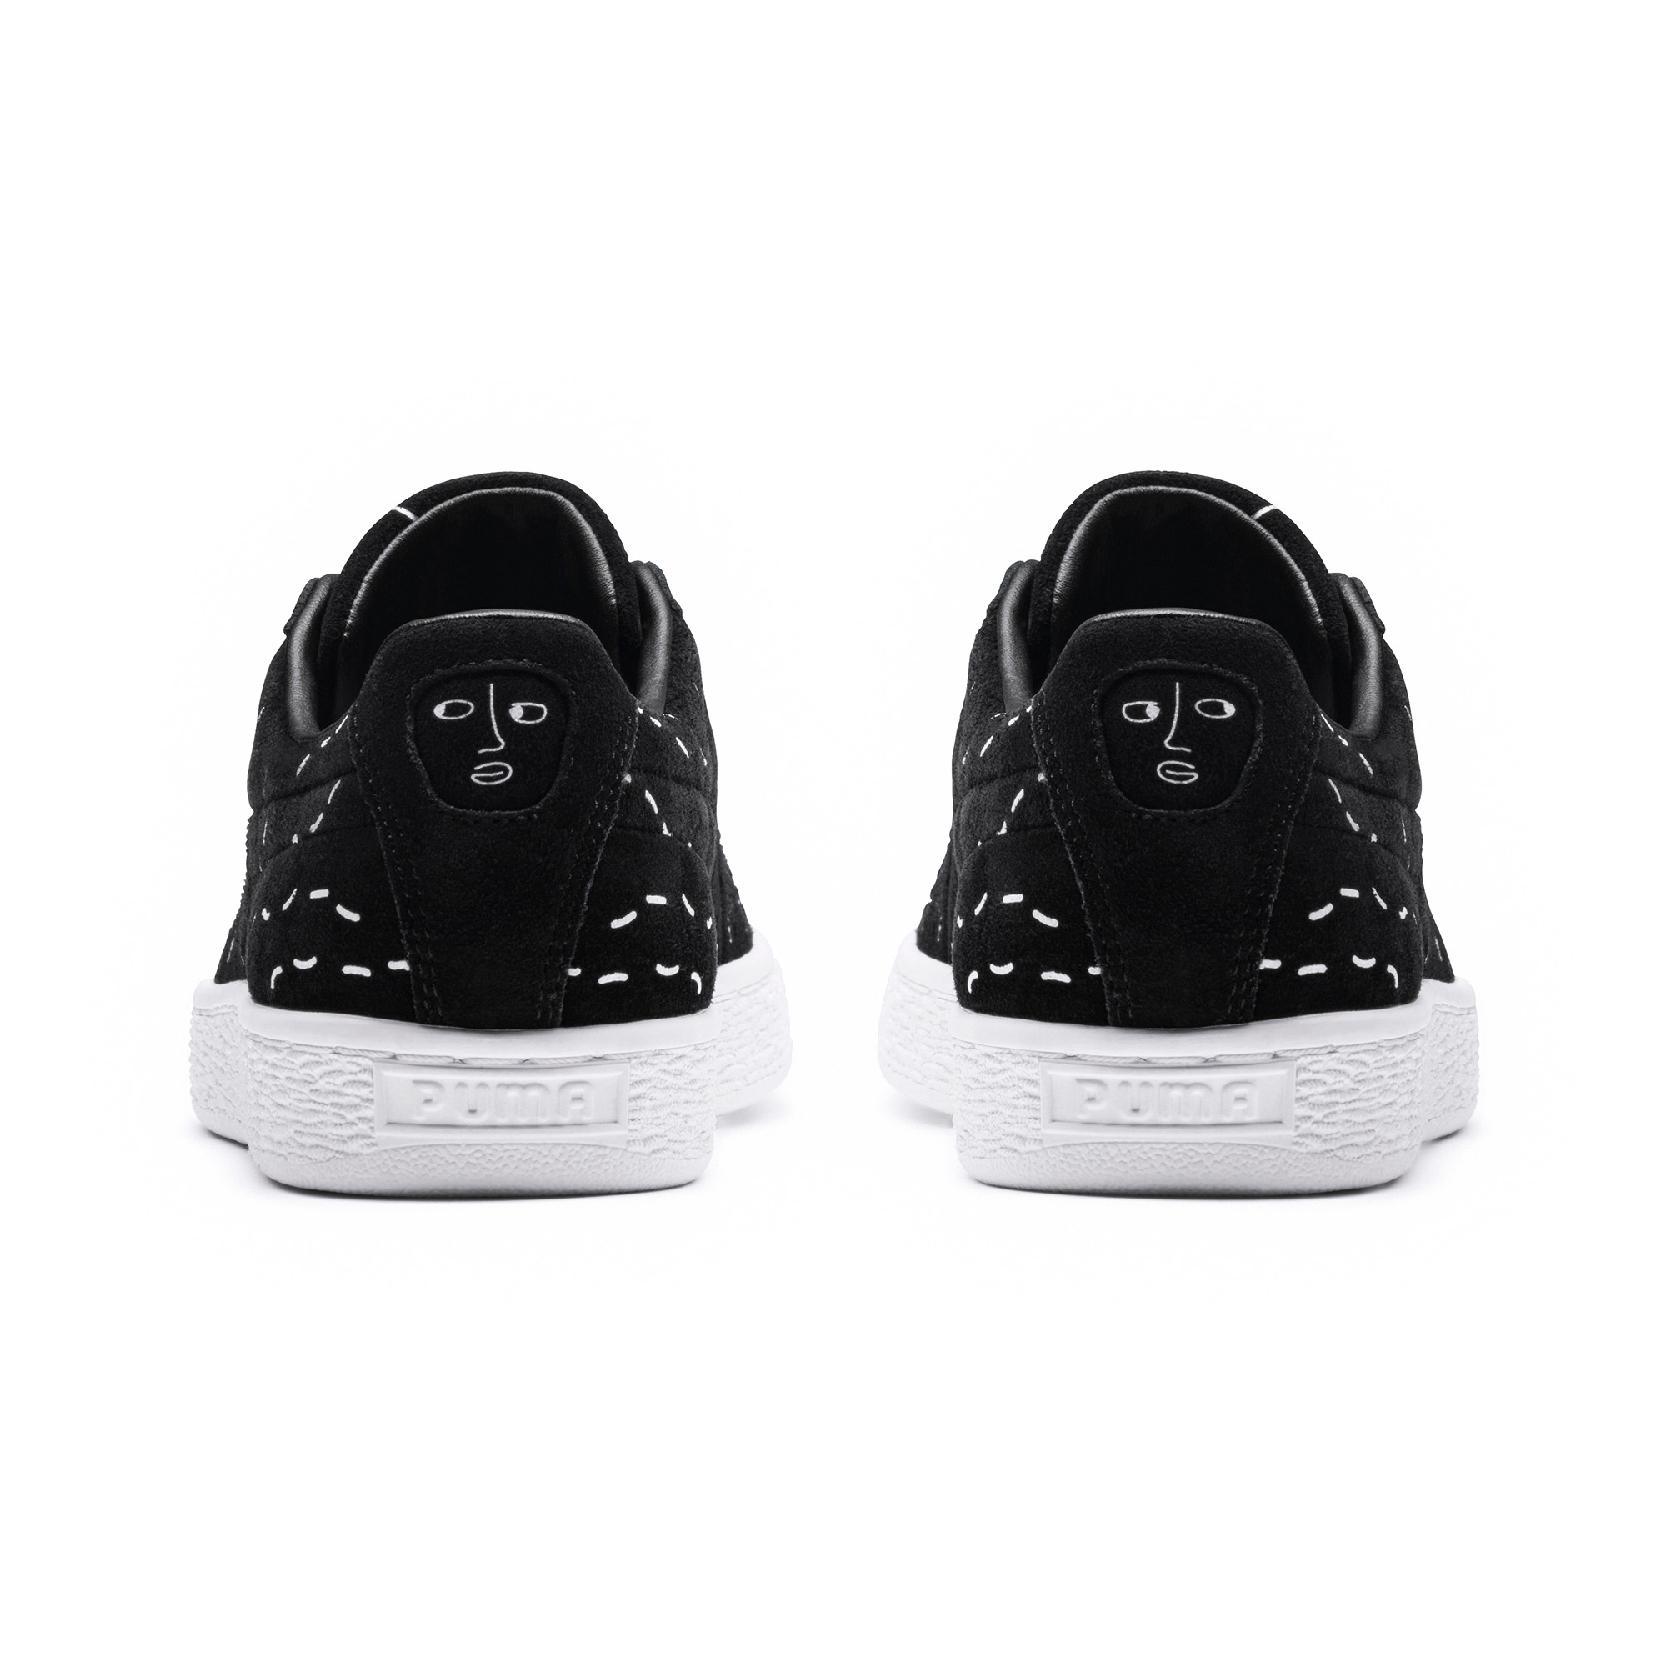 9821c3c30a309 puma-juodos-spalvos-laisvalaikio-batai-moterims iSPDF8m.jpg